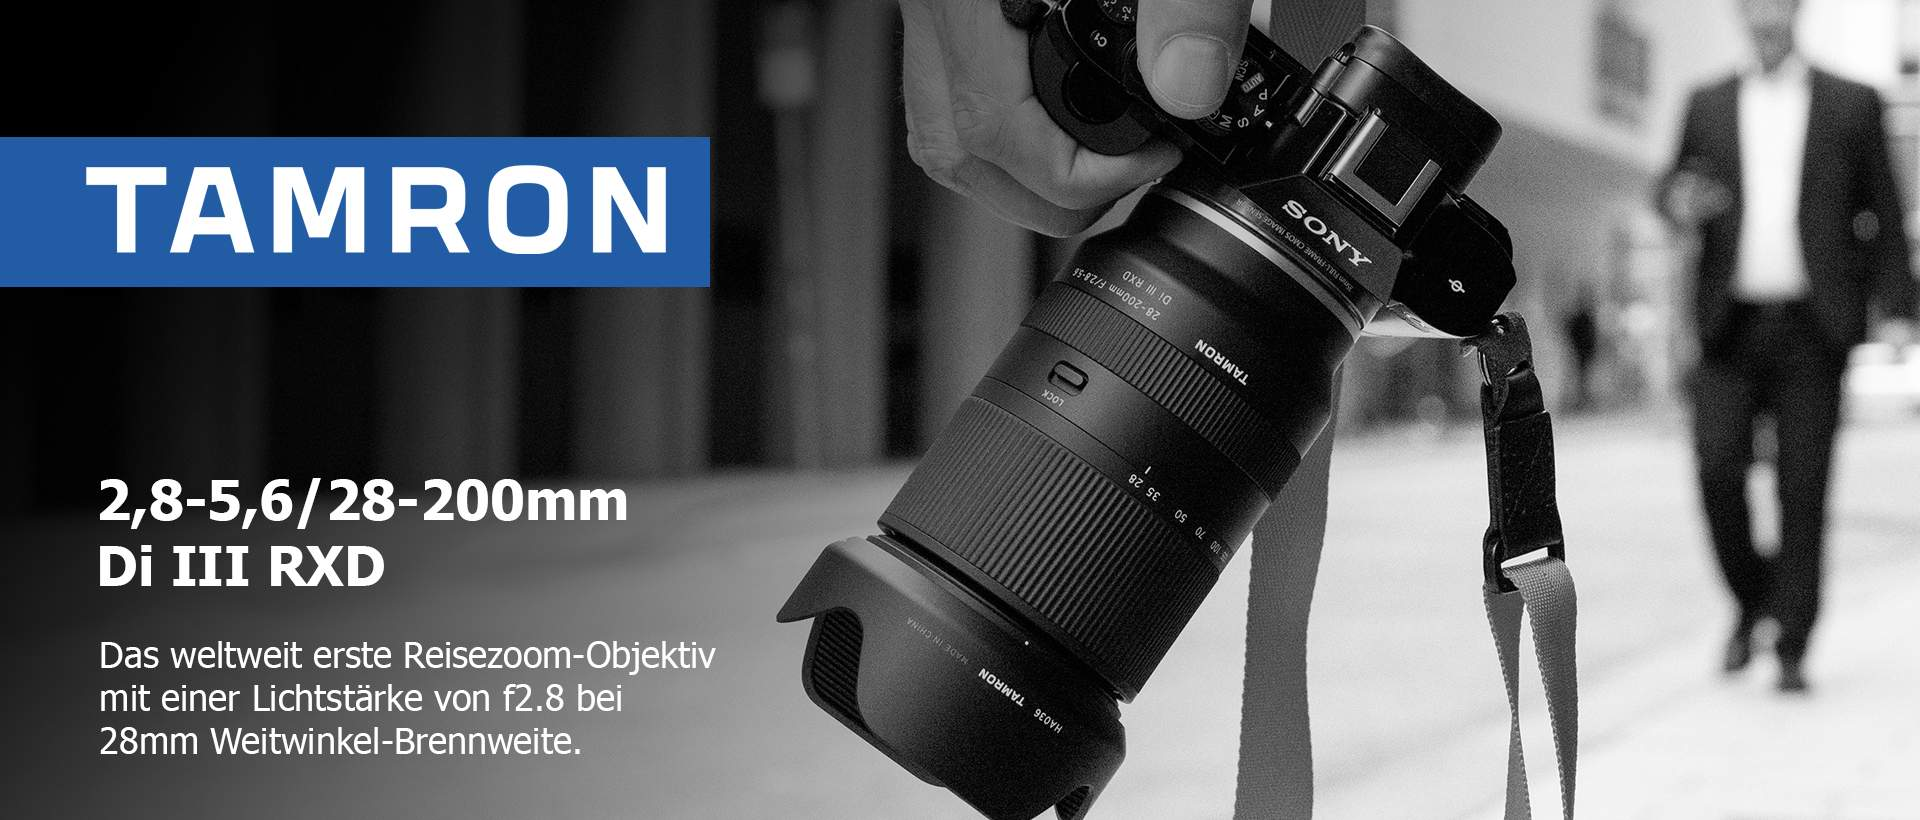 Tamron 2,8-5,6/28-200mm Di III RXD